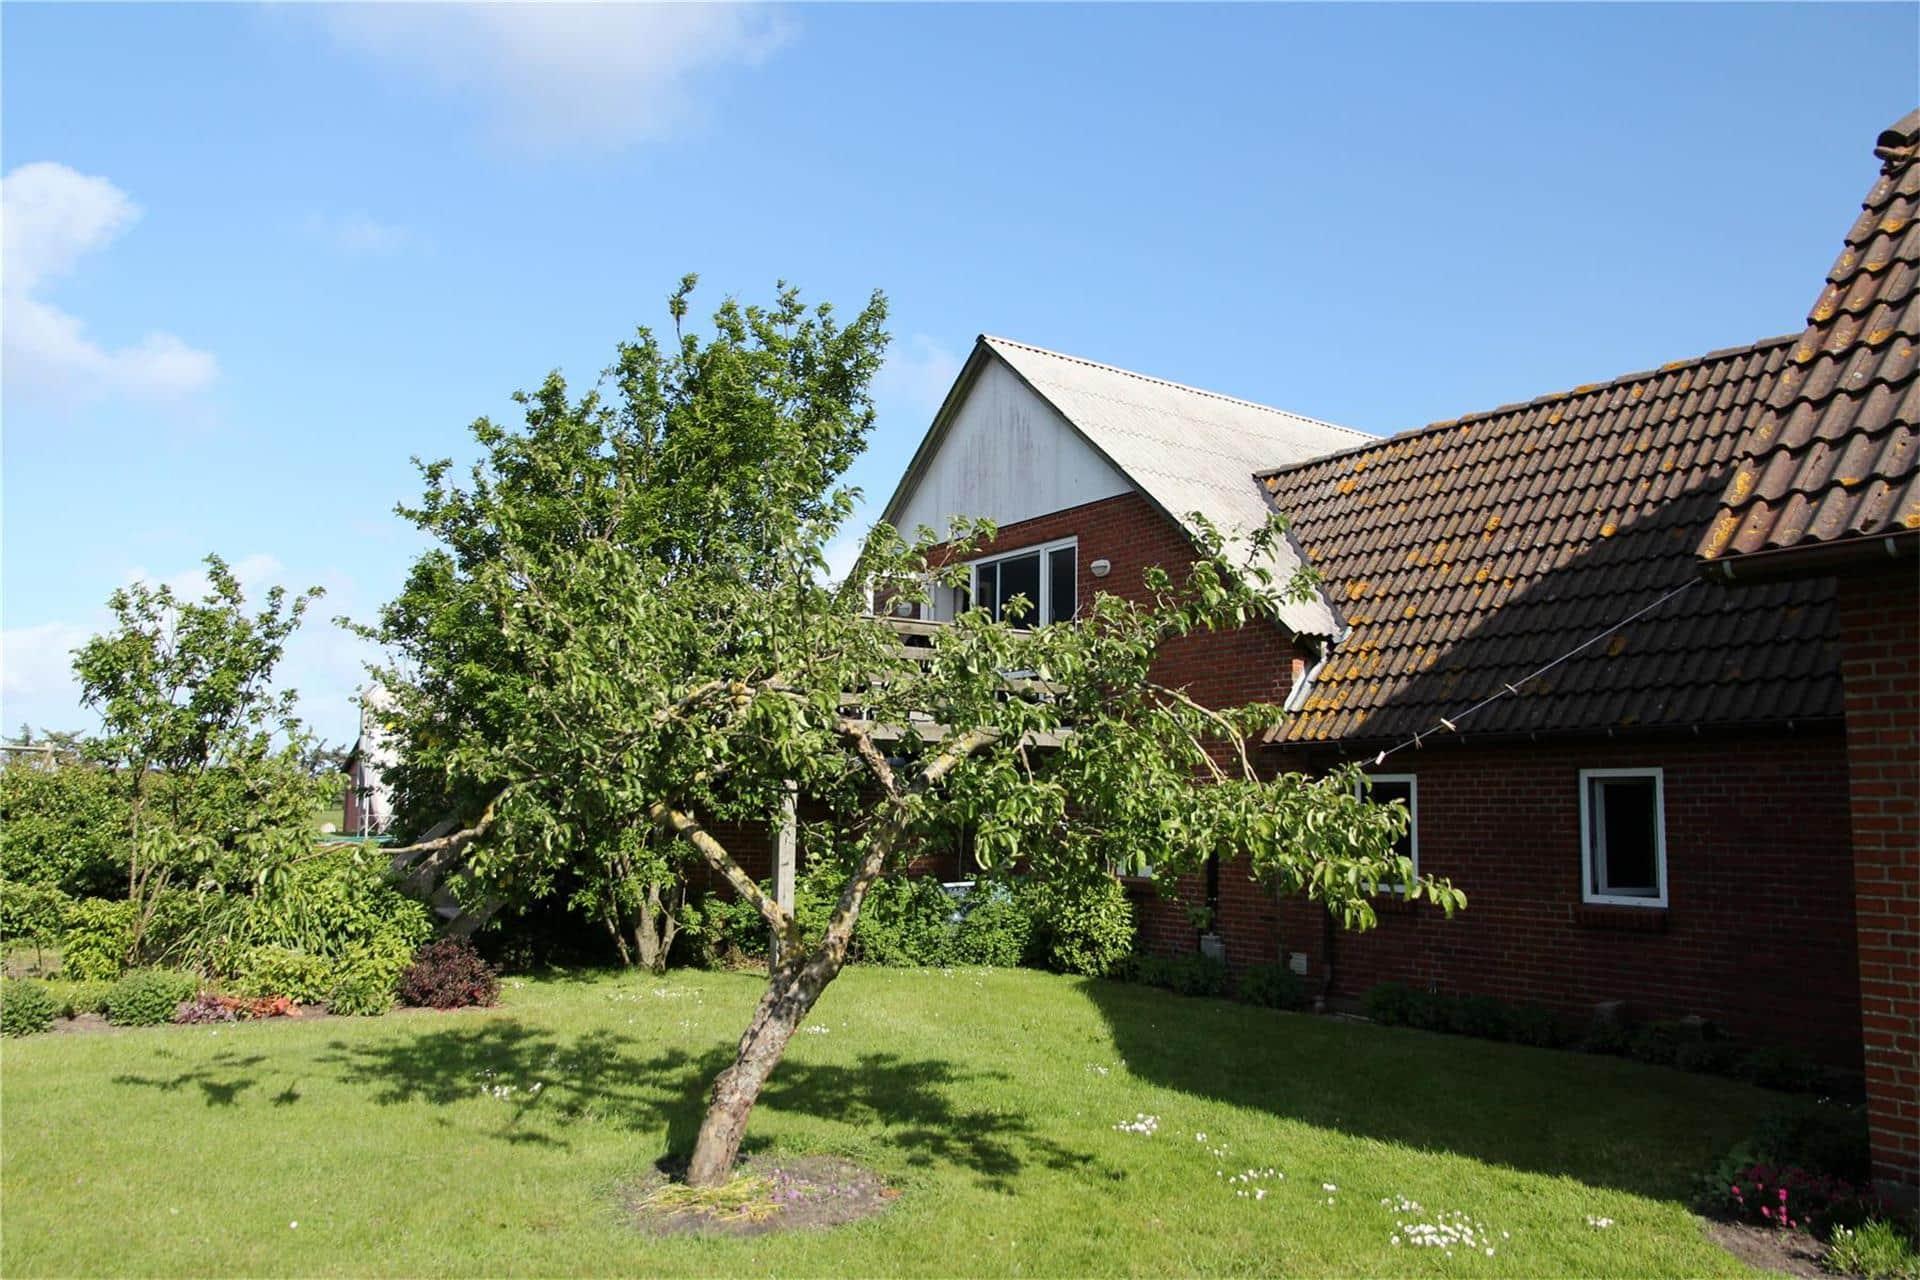 Billede 1-11 Sommerhus 0504, Galgevej 4, DK - 6280 Højer